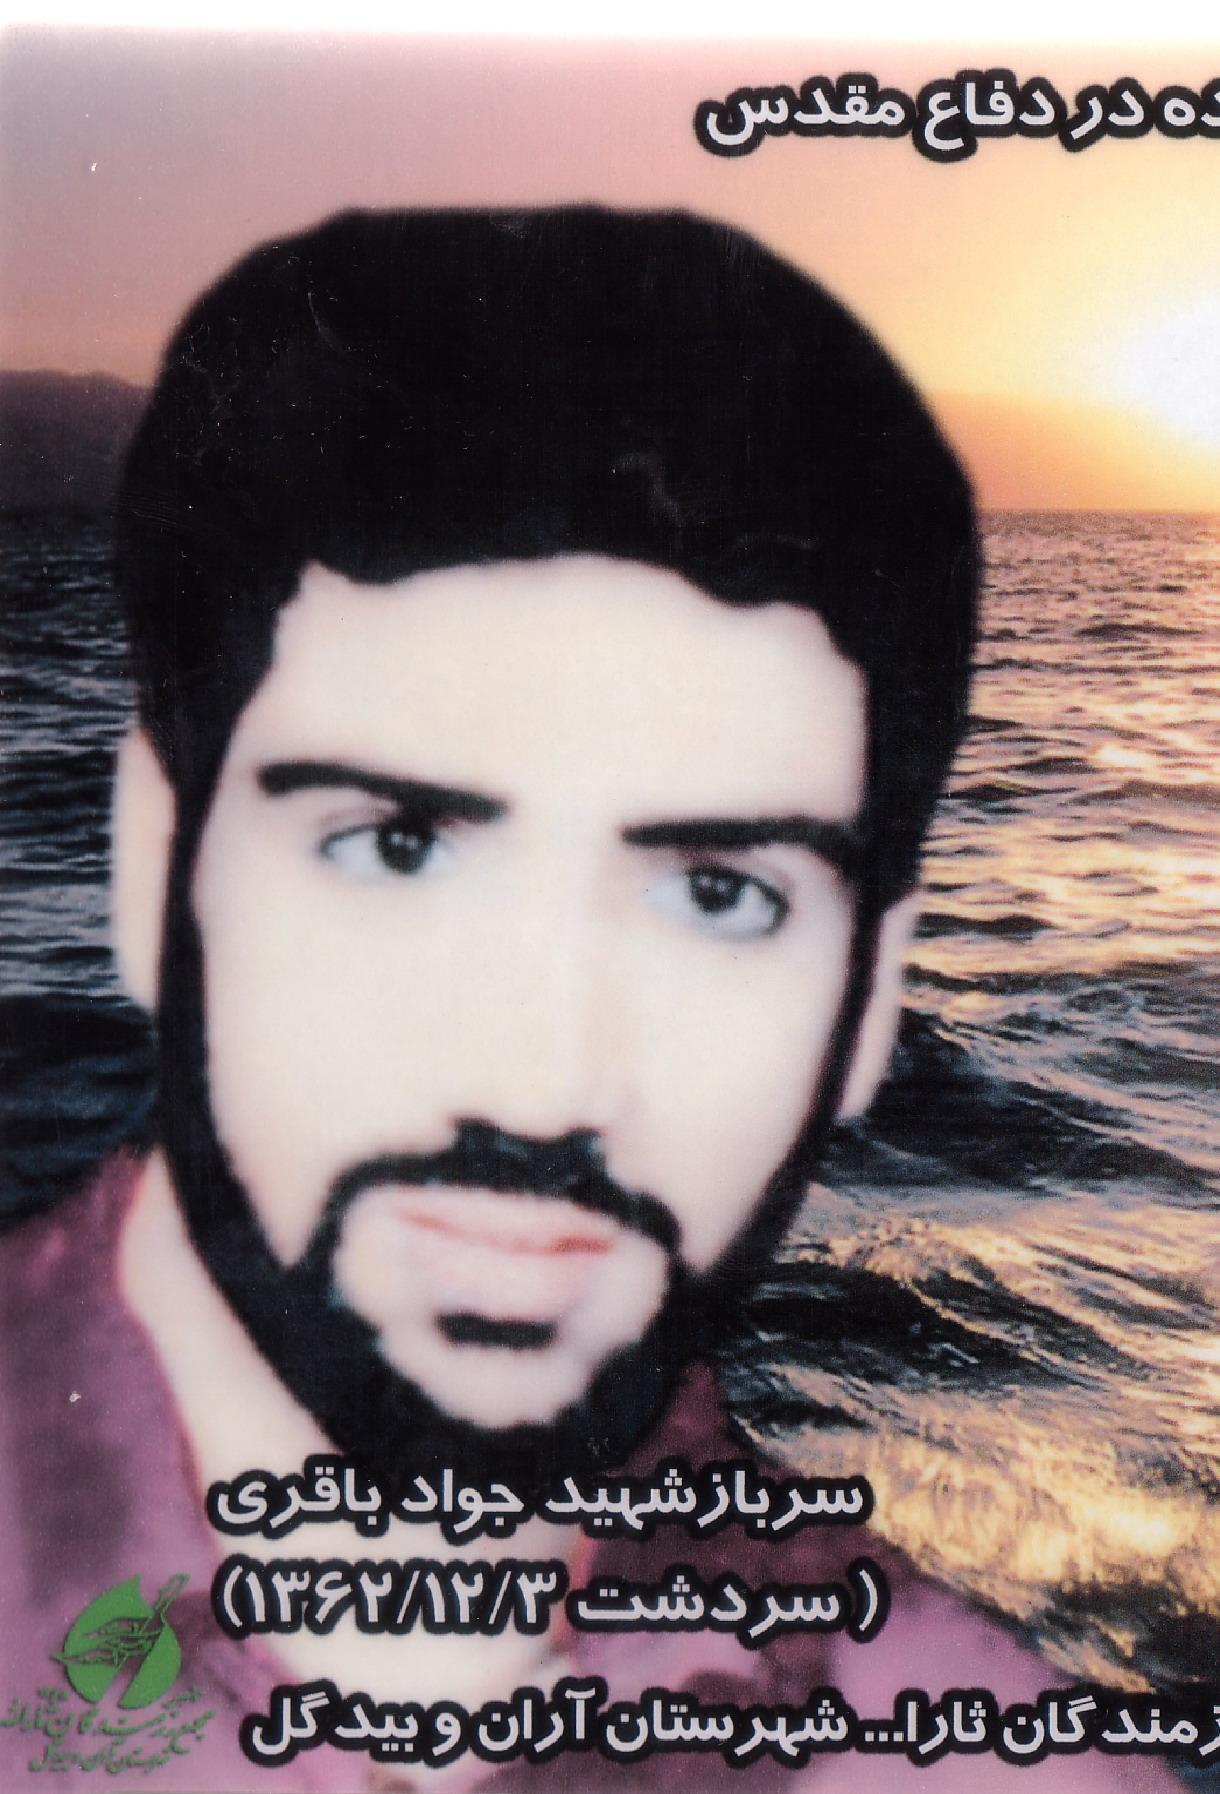 جواد باقری نصرآبادی